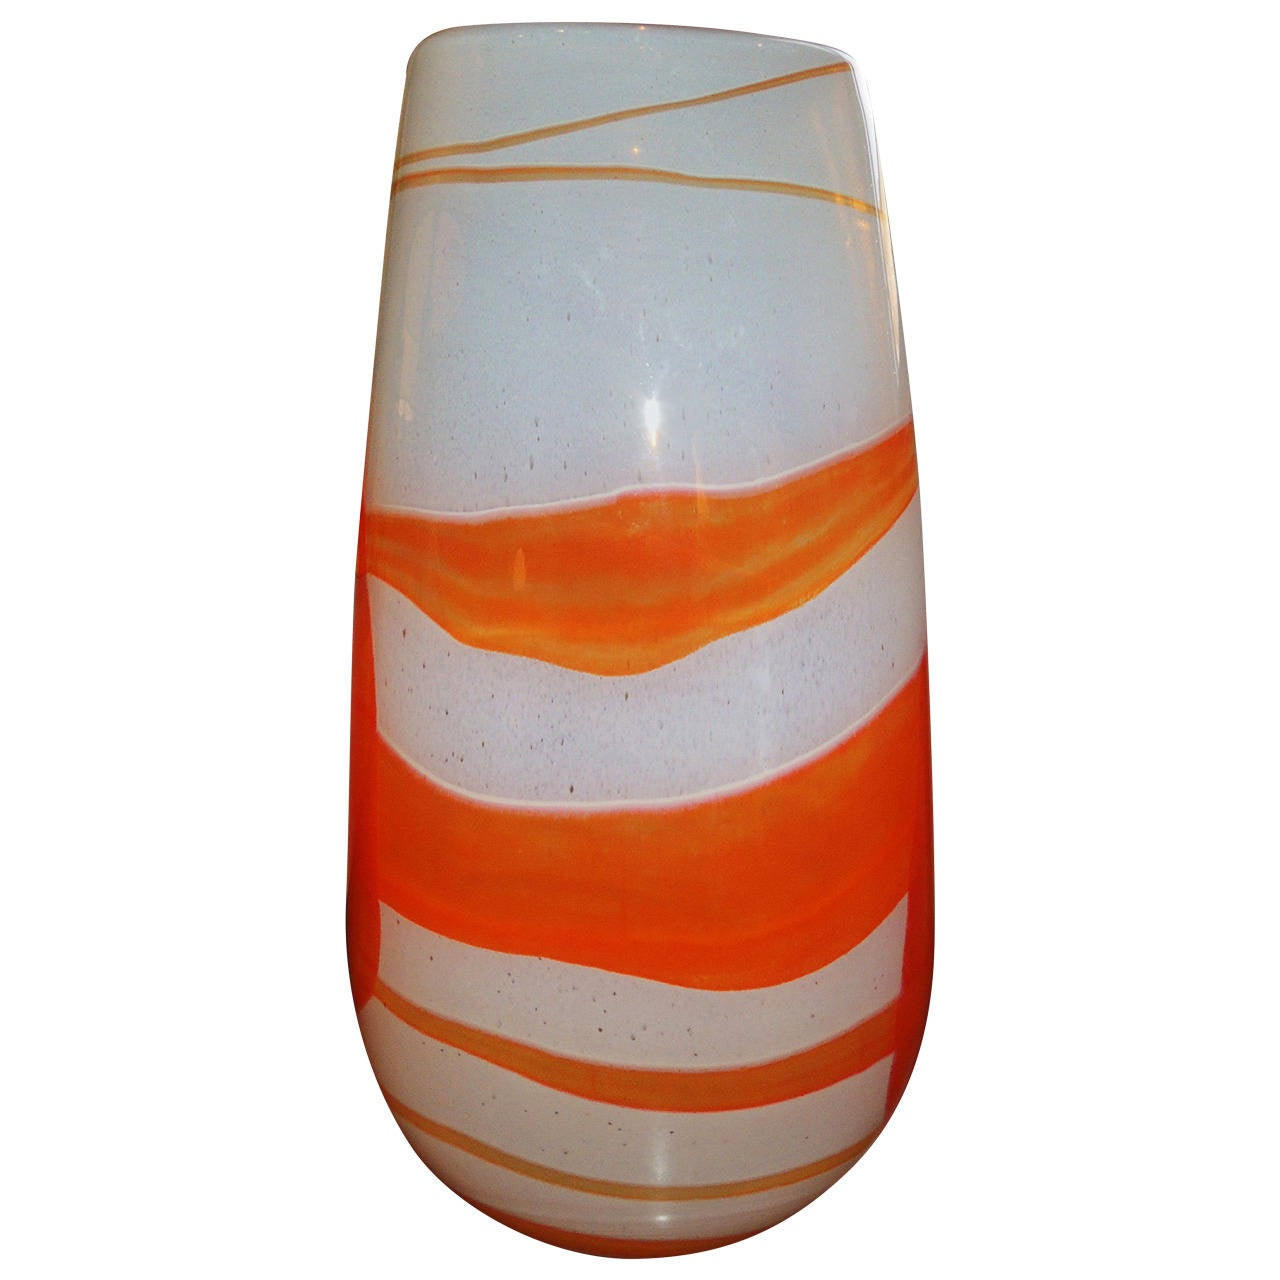 Art glass vase orange swirl at 1stdibs for Orange vase